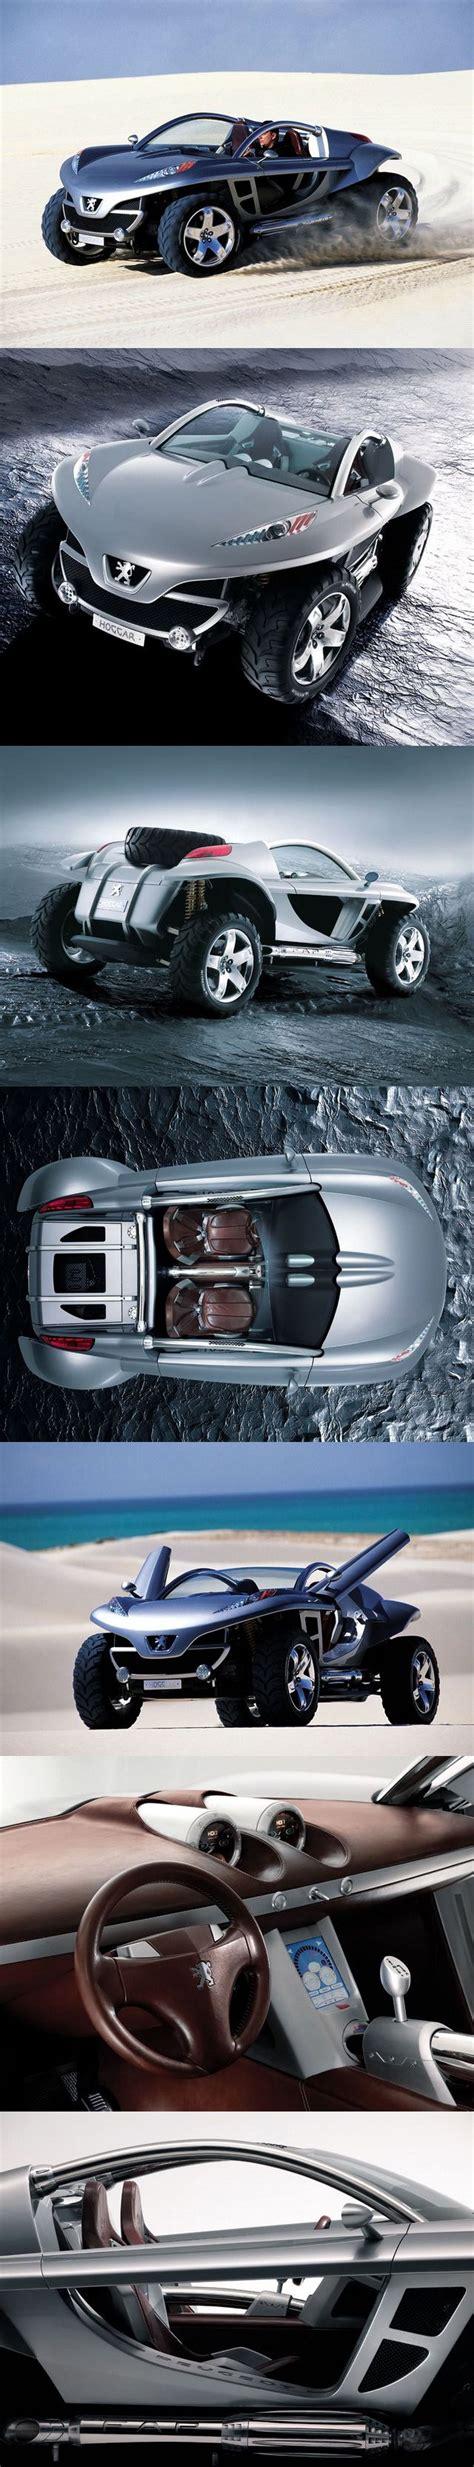 peugeot luxury car 17 best images about concept car on pinterest